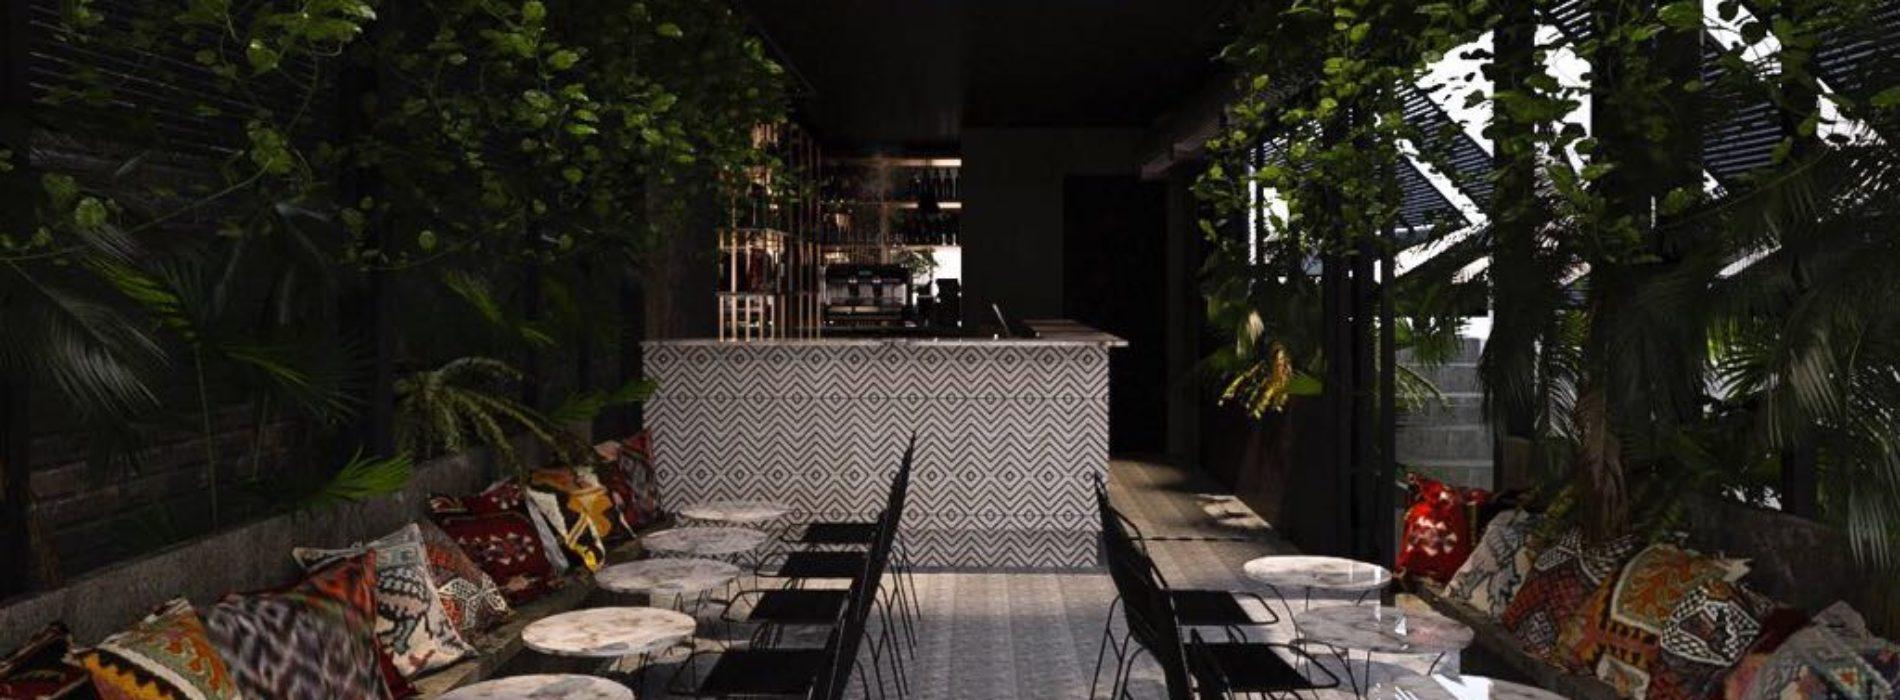 Palmerie Roma, ai Parioli il nuovo ristorante glamour